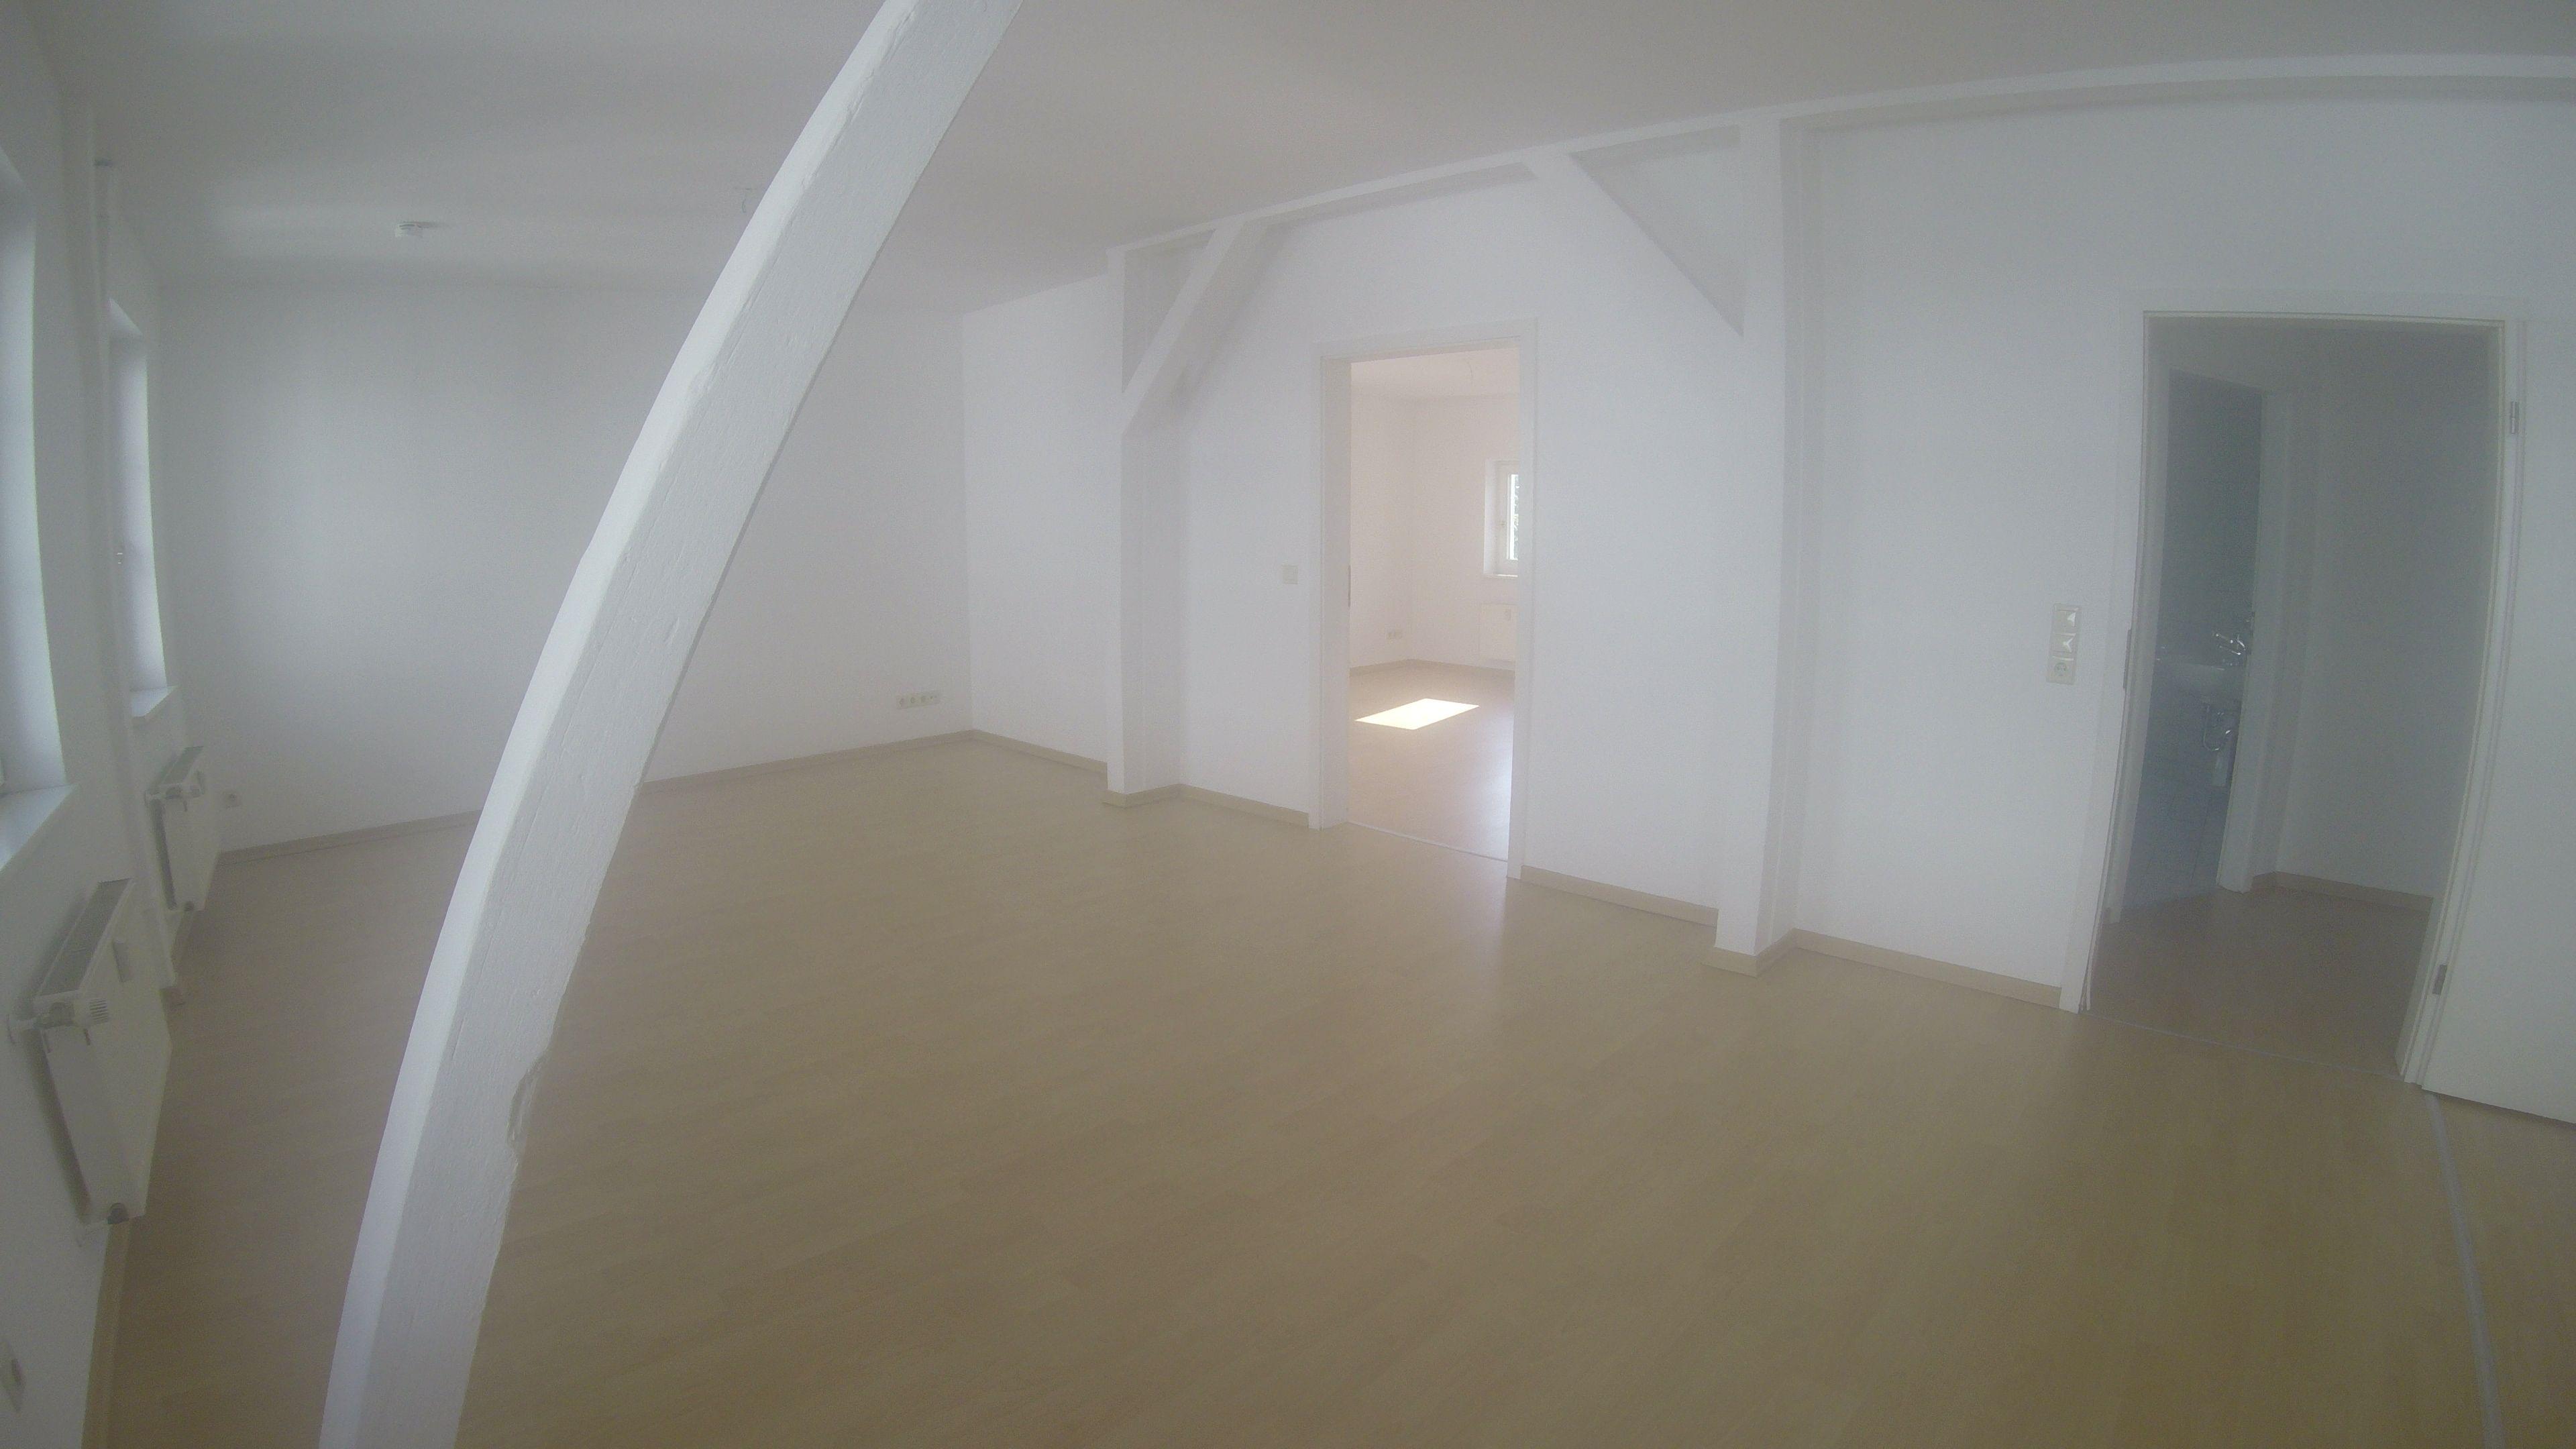 #Röser  traumhaftes  #Dachgeschoß   2er  #WG  #Wohngemeinschaft in  #Halle/Saale #Bezug in eine  3 Zimmer  #Mietwohnung in  #Halle/Saale  #Wohnzimmer 50 QM als Durchgangszimmer mit offenen Küchenbereich #Wannenbad und  #Duschbad mit Fenster sowie Doppelwaschbecken, großes Dielenbereich,  #Halle.Bln24.de #BerlinImmobilienDüsseldorf #ferienwohnungen.bln24.de #wohnung.bln24.de #Berlin.Bln24.de #instagram.com/thomasfishergmx.eu  #pinterest.com/fisher7527 #twitter.com/berlin_ny